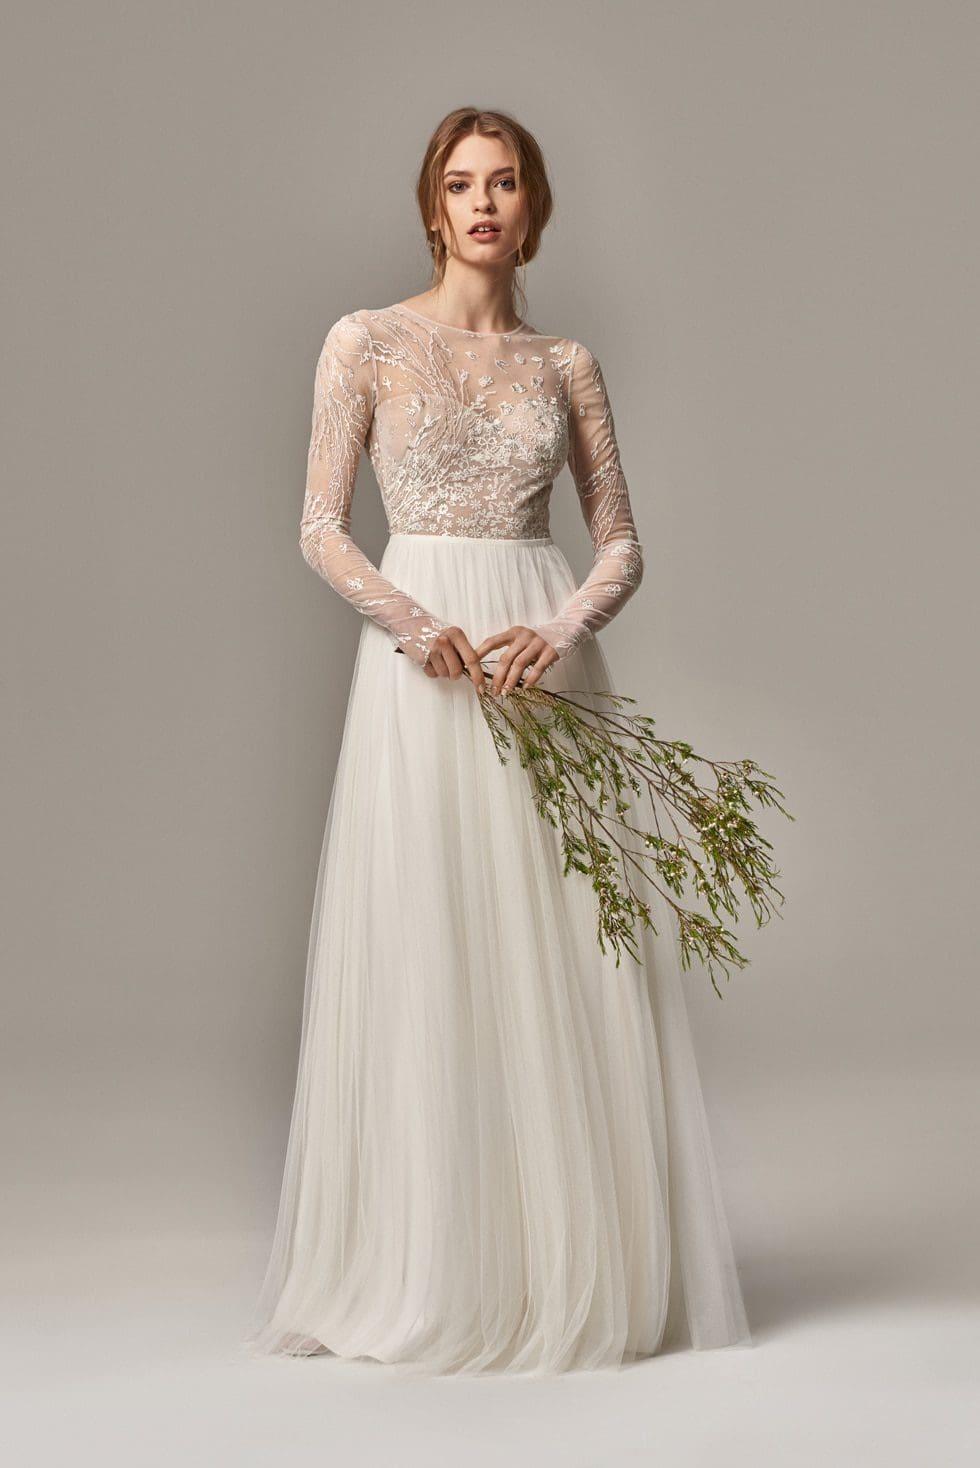 Brautkleidmodell Reese mit Spitze